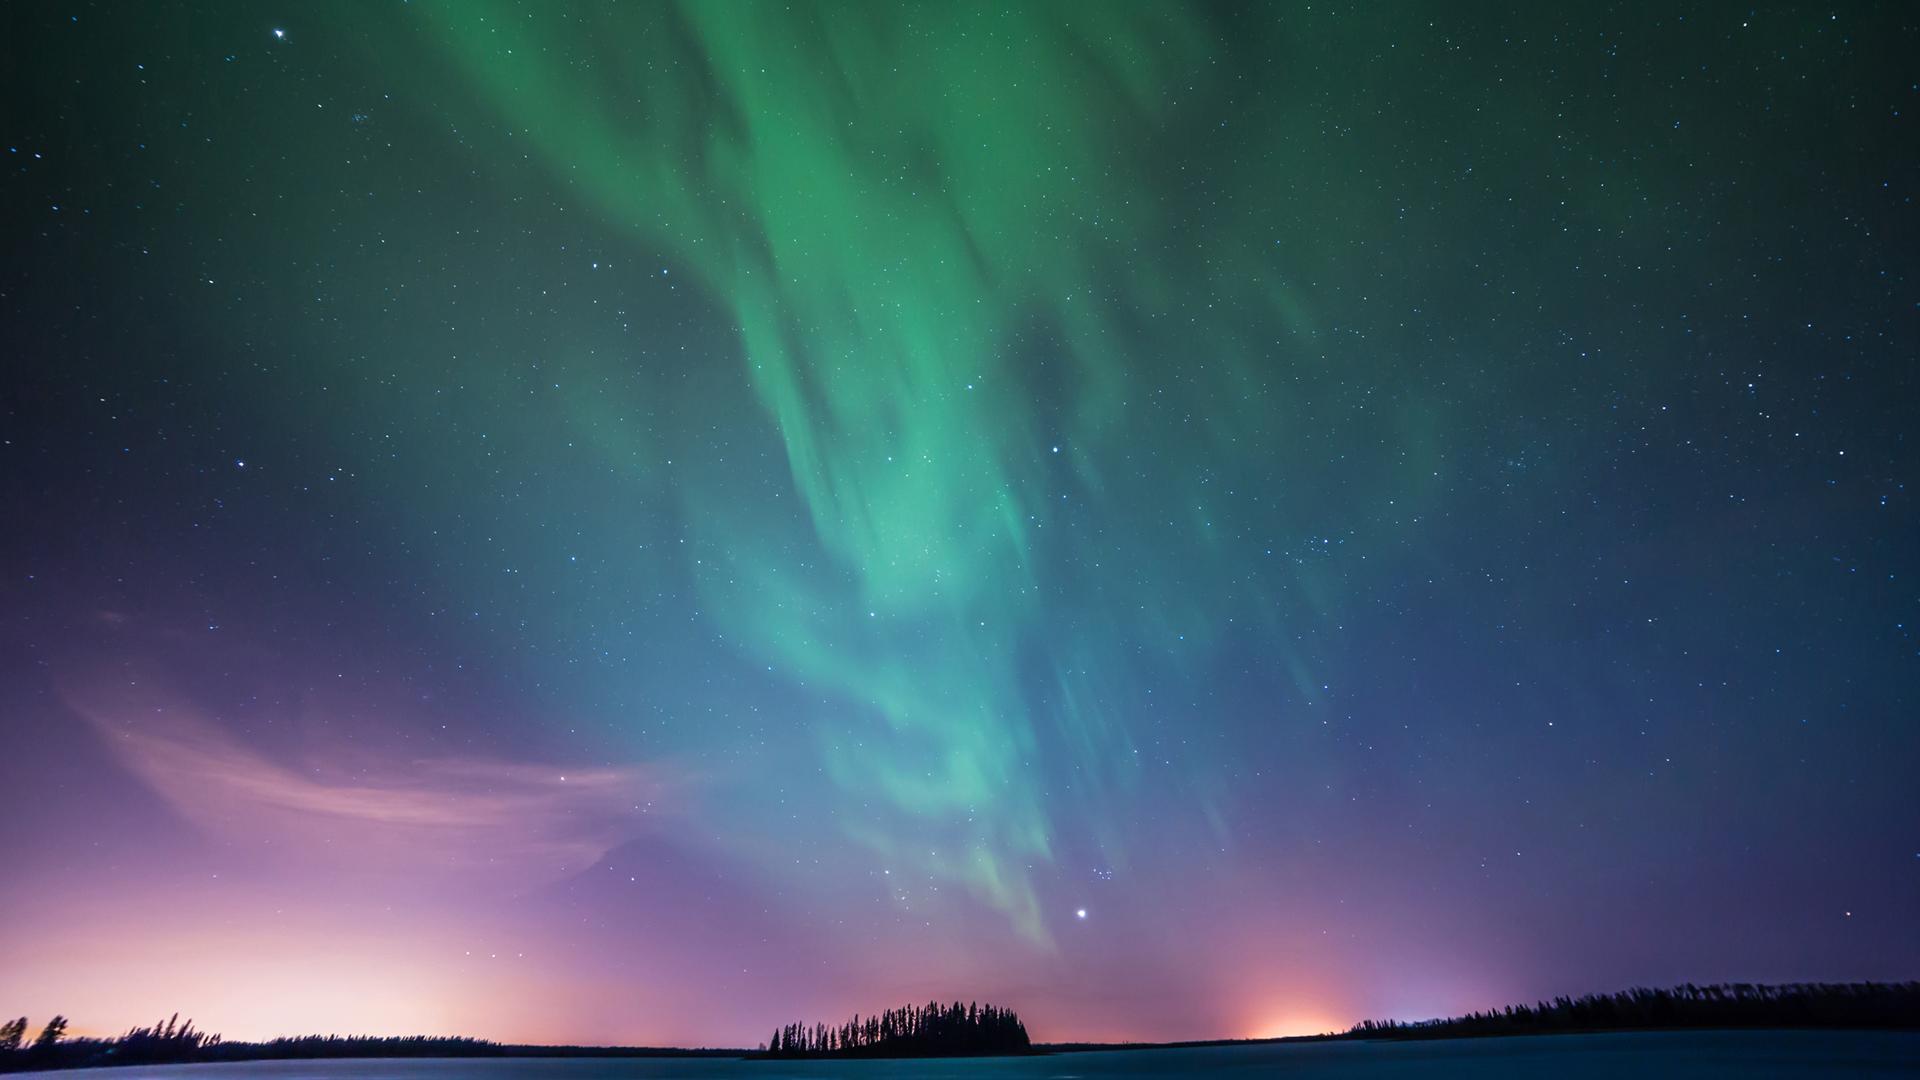 绿色蓝色紫色红色星空星云美景图片壁纸